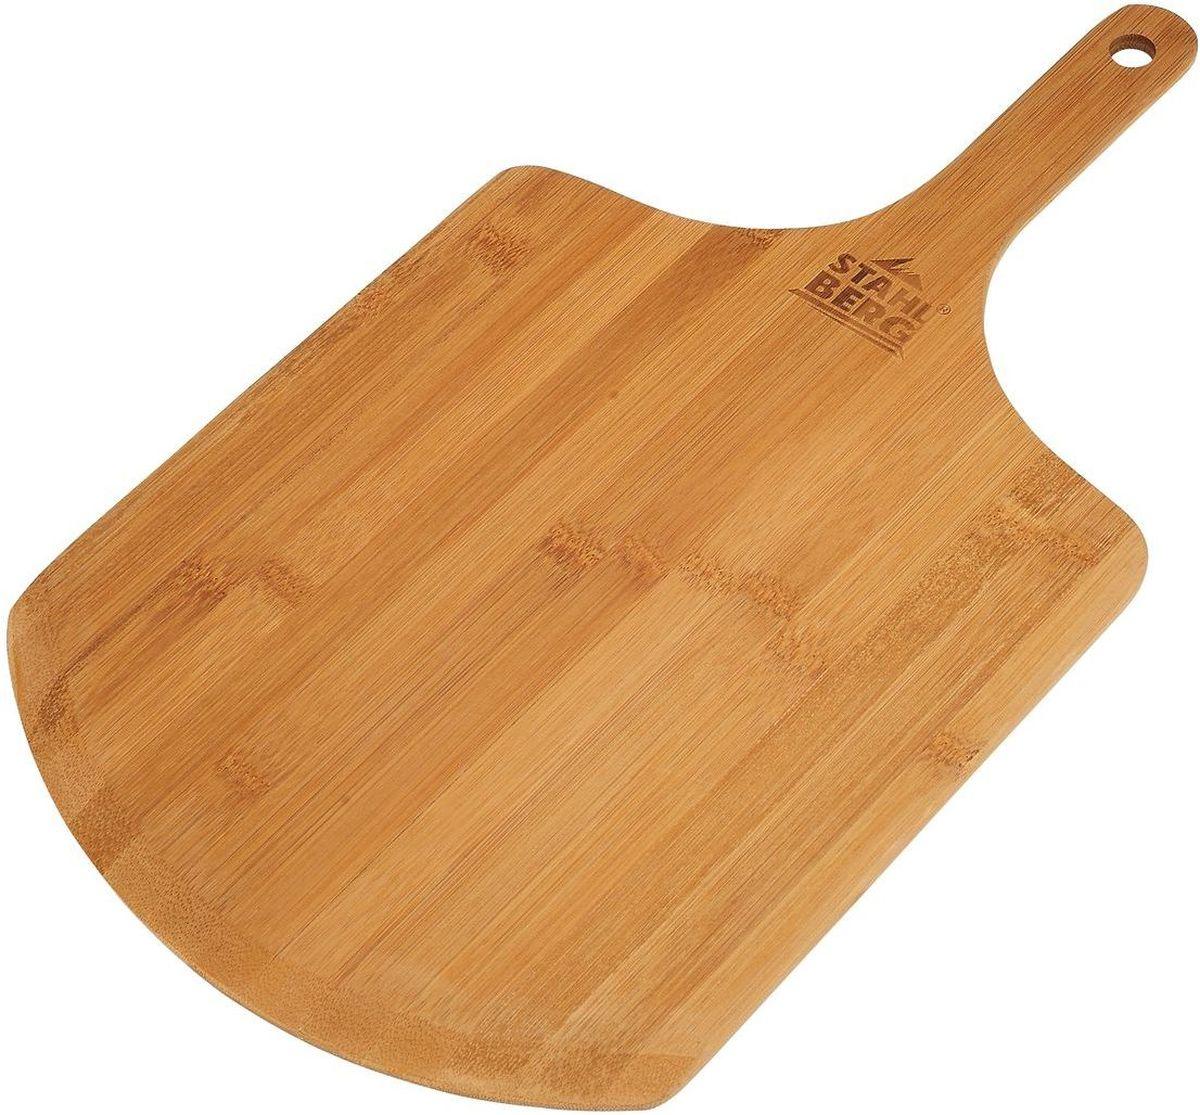 Доска для пиццы Stahlberg, 50 х 28 х 0,8 см115510Посуда STAHLBERG изготовлена только из качественных, экологически чистых материалов. Также уделяется особое внимание дизайну продукции, способному удовлетворять вкусы даже самых взыскательных покупателей. Сталь 8/10, из которой изготавливается посуда и аксессуары STAHLBERG, является уникальной. Она отличается высокими эксплуатационными характеристиками и крайне устойчива к физическим воздействиям. Сложно найти более подходящий для создания качественной кухонной посуды материал. Отличительной чертой металлической посуды, выполненной из подобной стали, является характерный сероватый оттенок поверхности и особый блеск. Это позволяет приготовить более здоровую пищу.